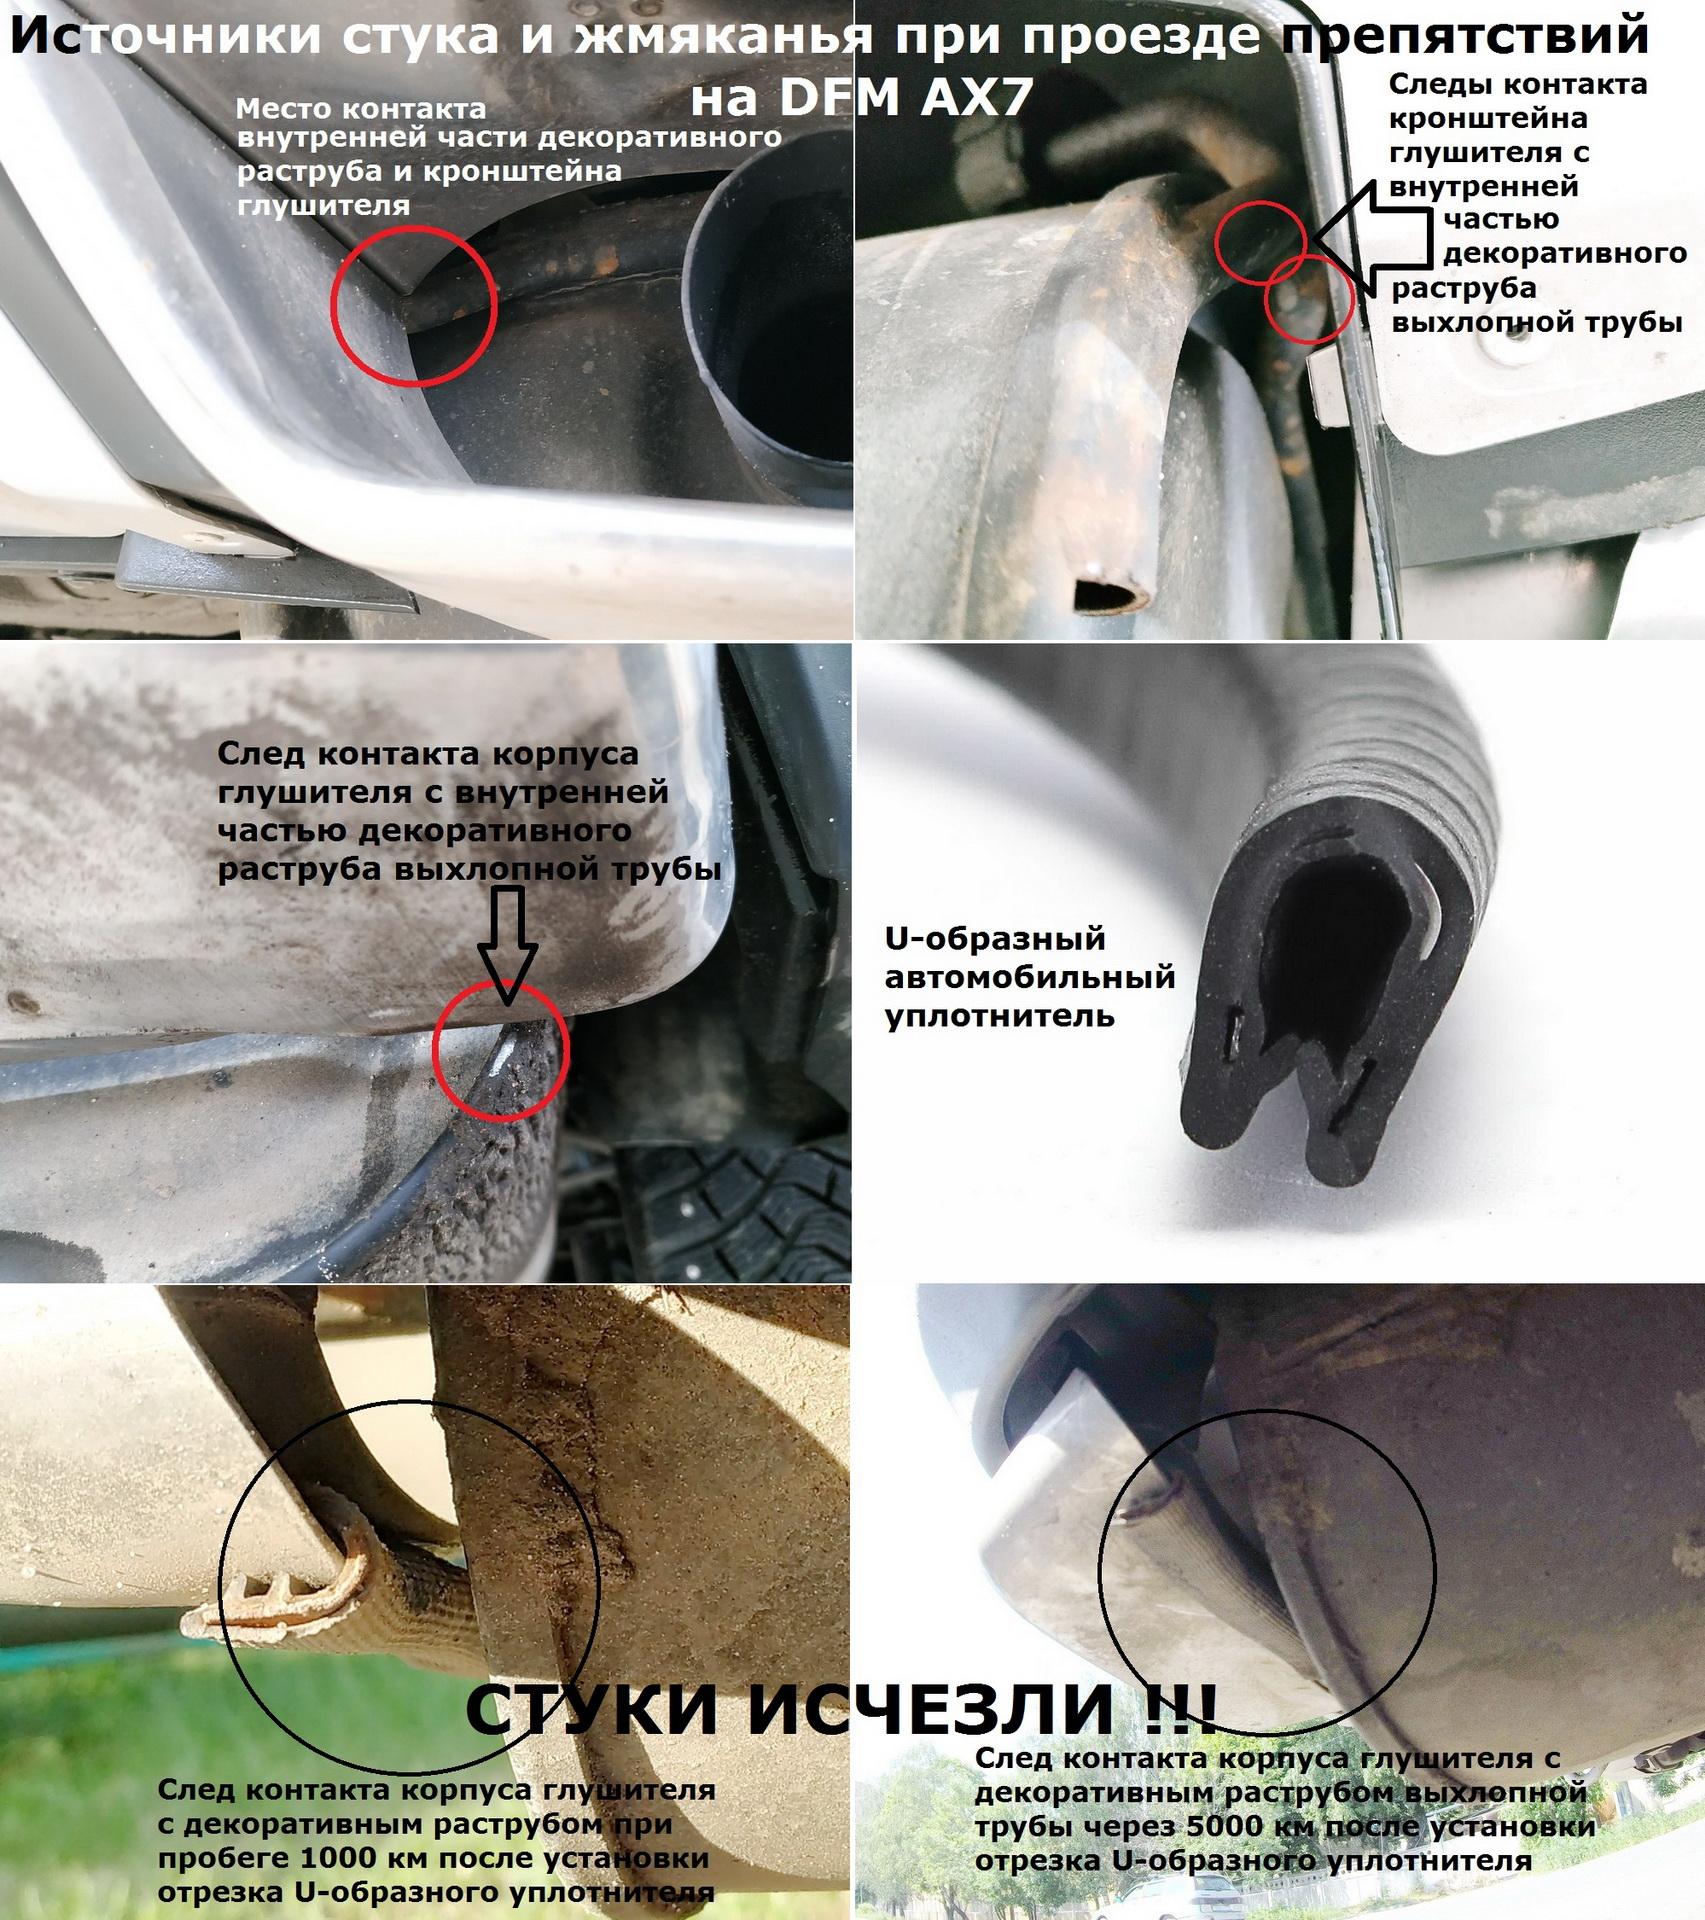 DFM AX7 - устранение стуков и жмяканья при проезде препятствий (1).jpg